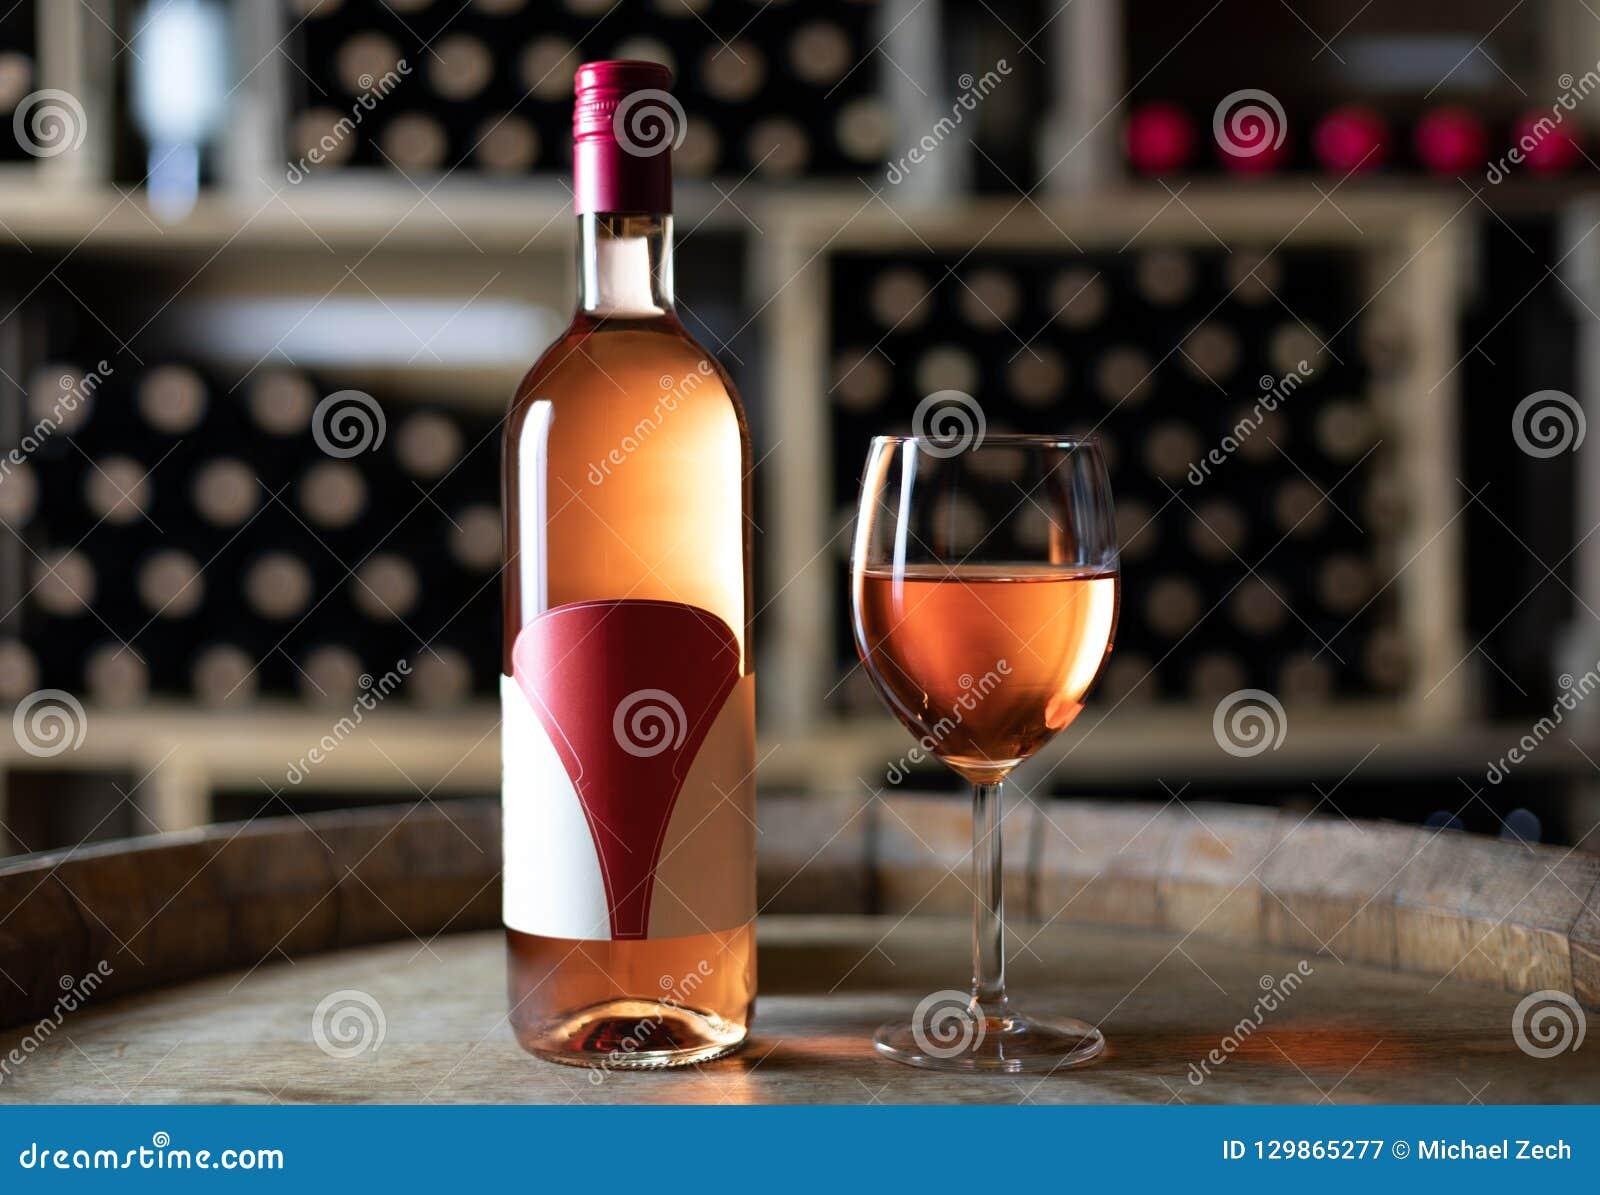 Rosen-Weinflasche mit einem gefüllten Weinglas auf einem Fass in einem Keller